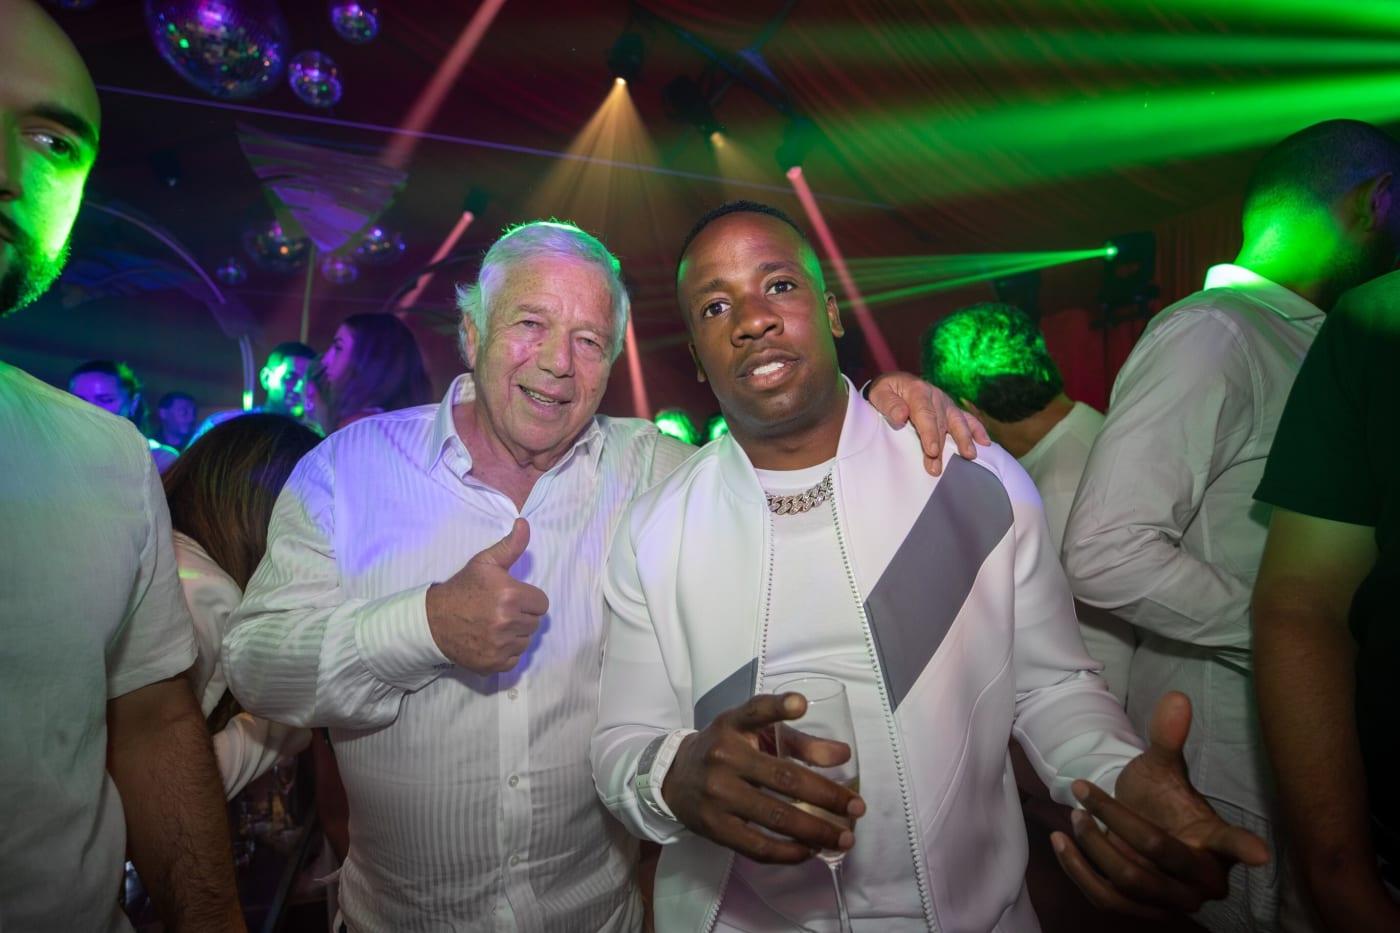 Robert Kraft and Yo Gotti